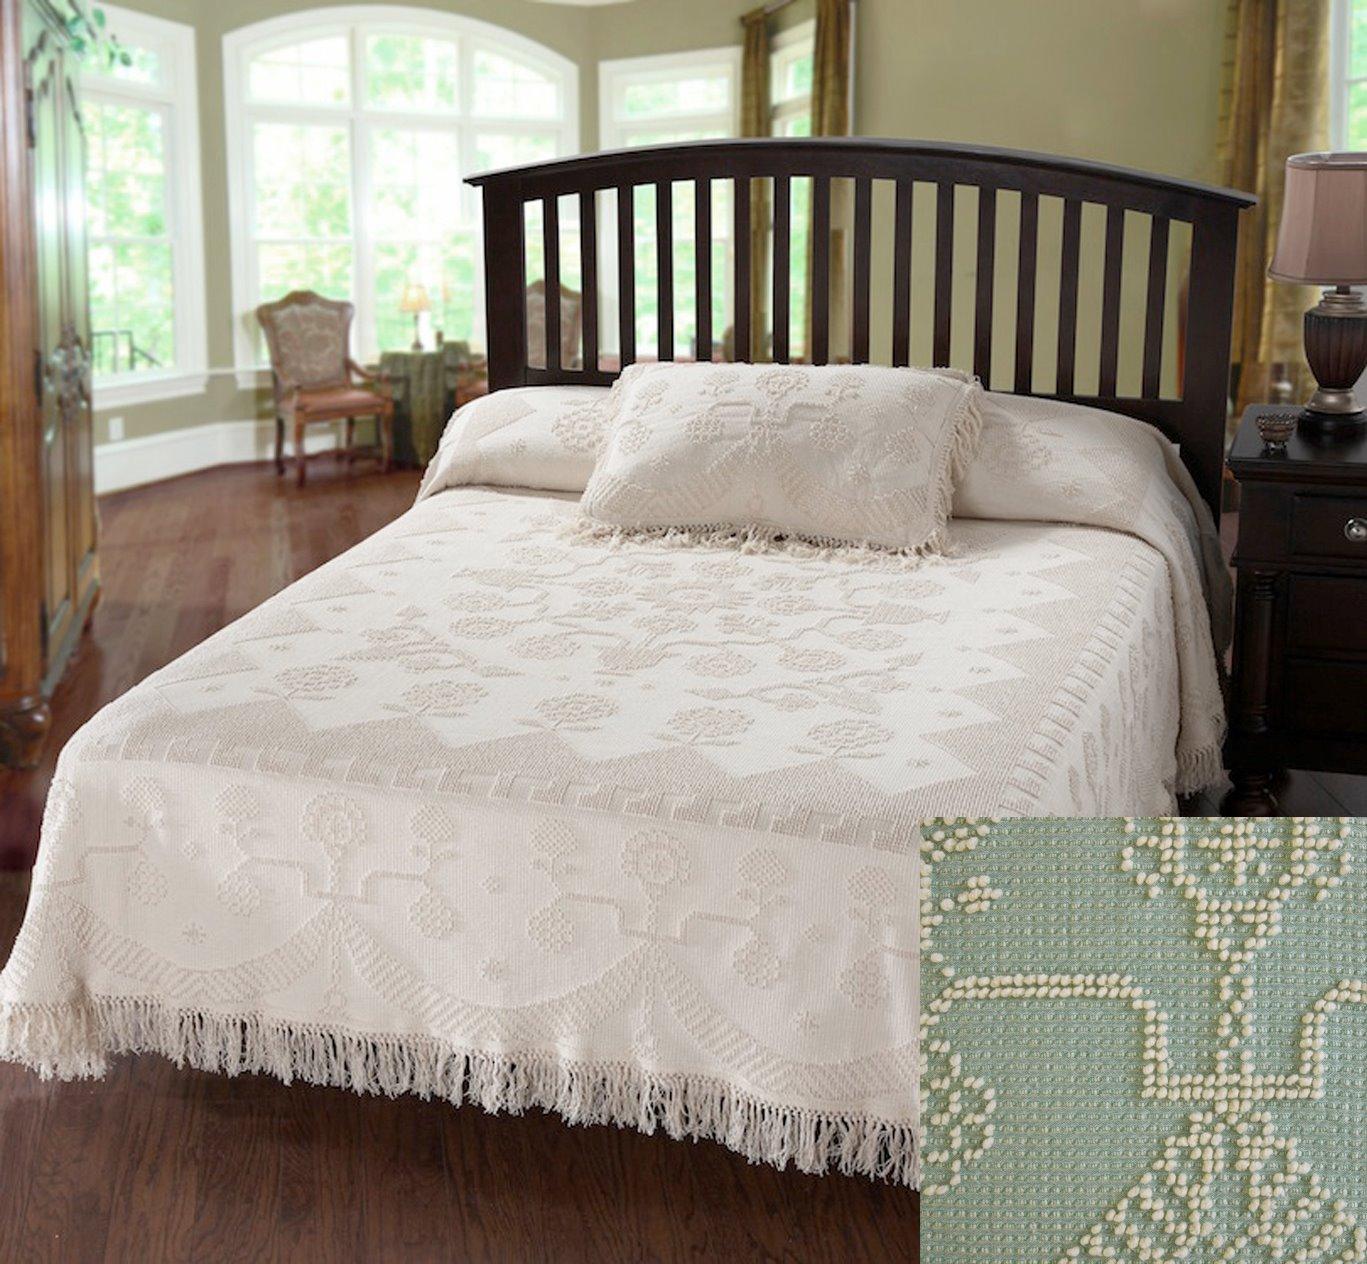 George Washington Bedspread Queen Sage